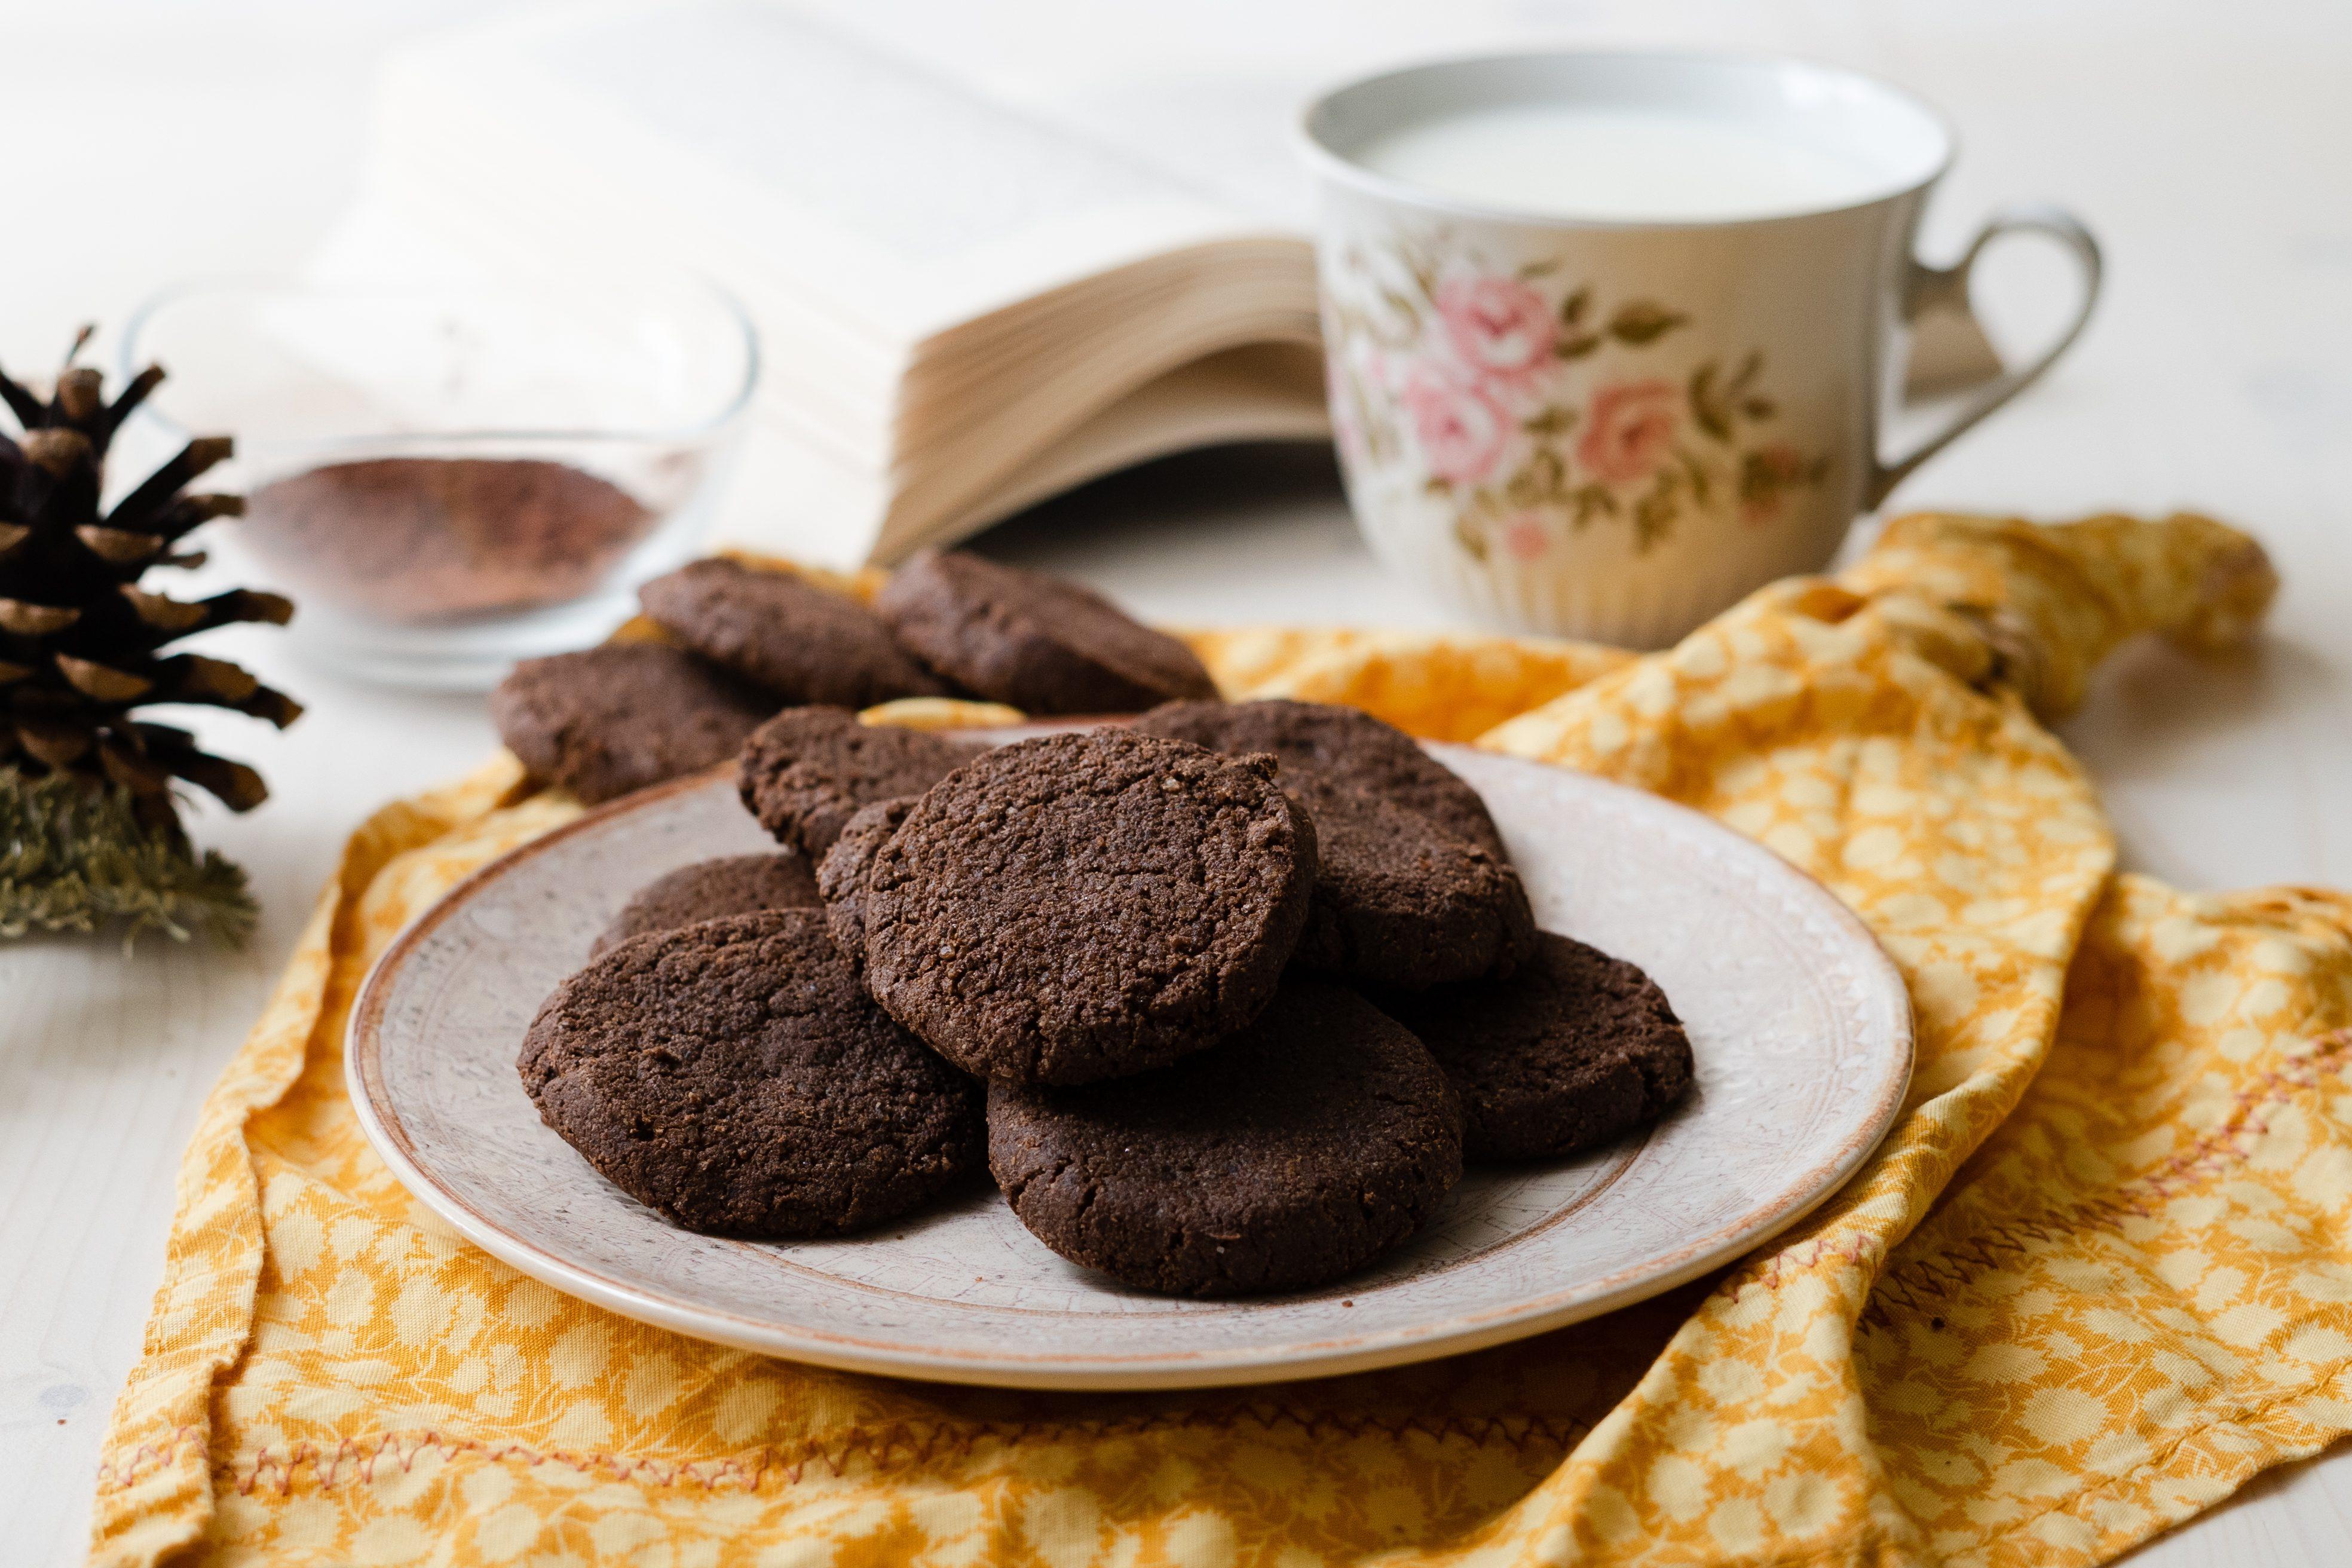 Biscotti con crusca d'avena: la ricetta dei biscotti semplici e leggeri